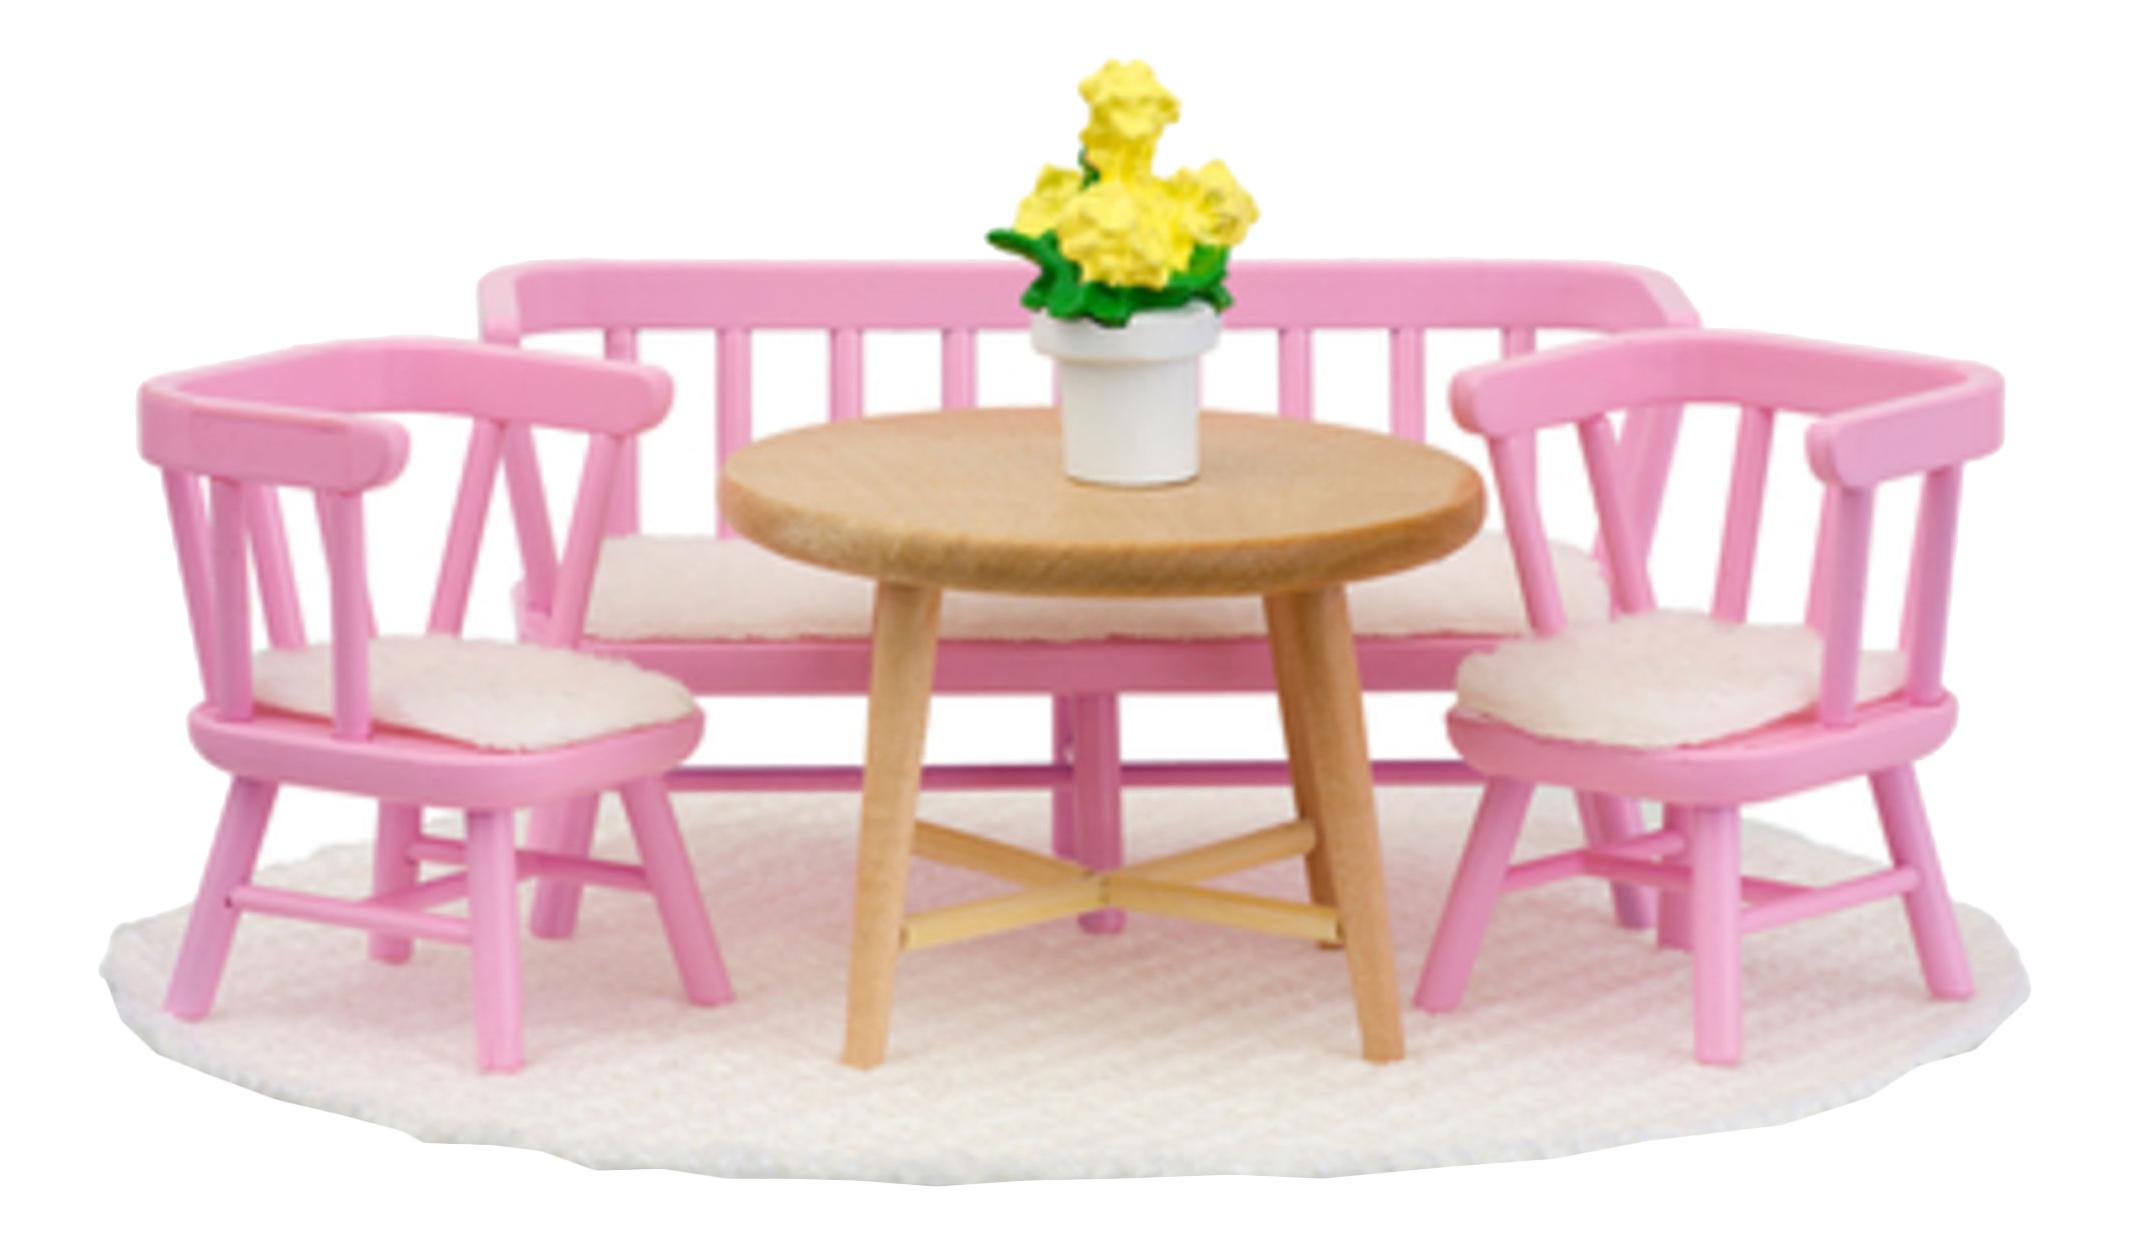 Смоланд Обеденный уголок розовый LB_60207900 для домиков Lundby фото